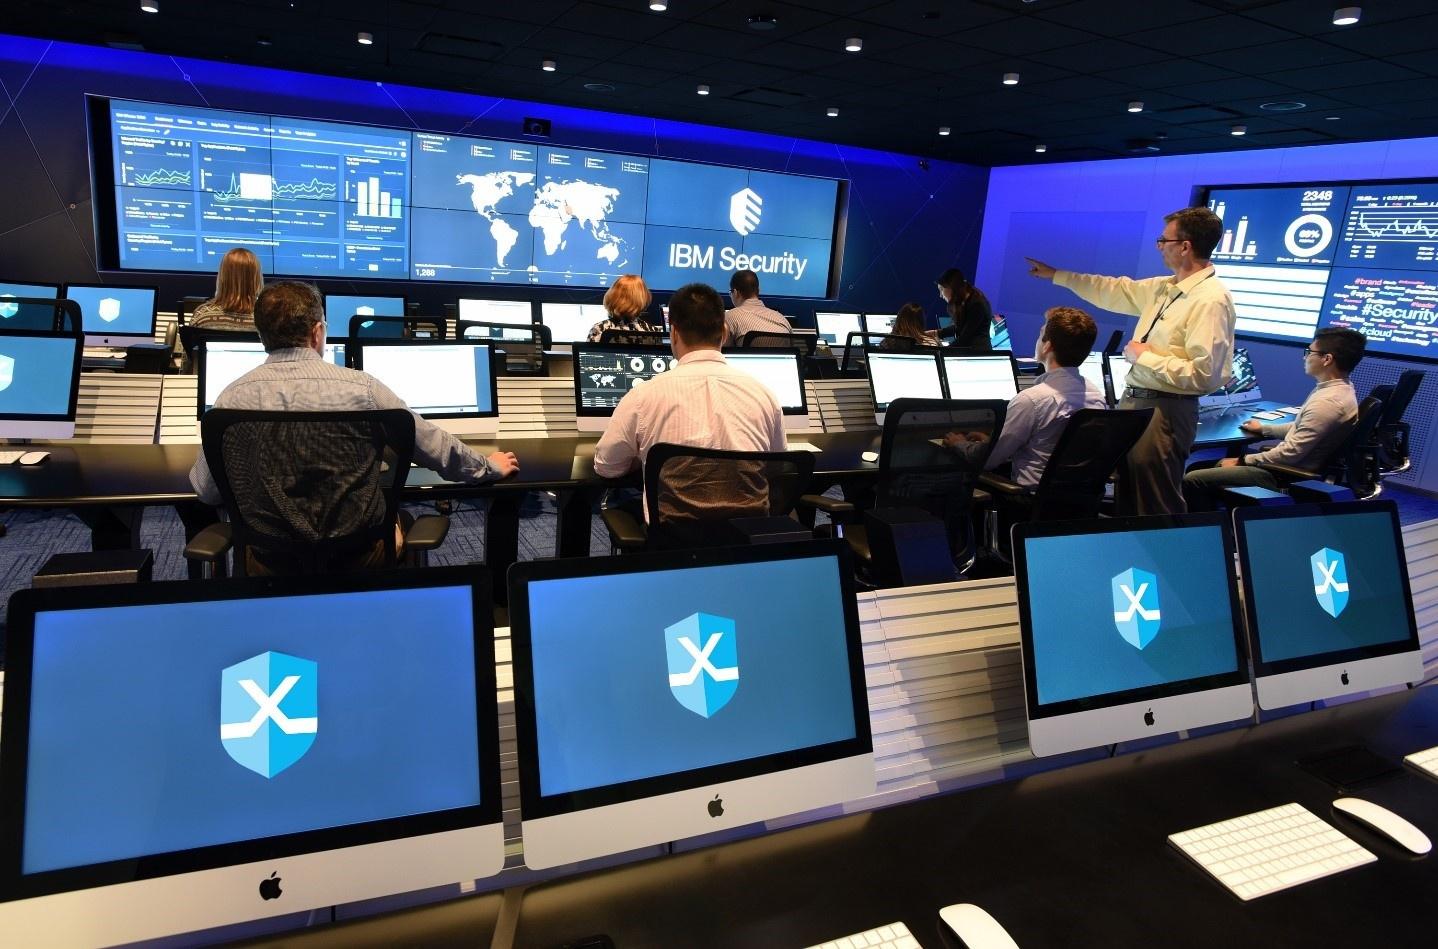 IBM Watson и кибербезопасность: служба быстрого реагирования, которая работает круглосуточно - 1